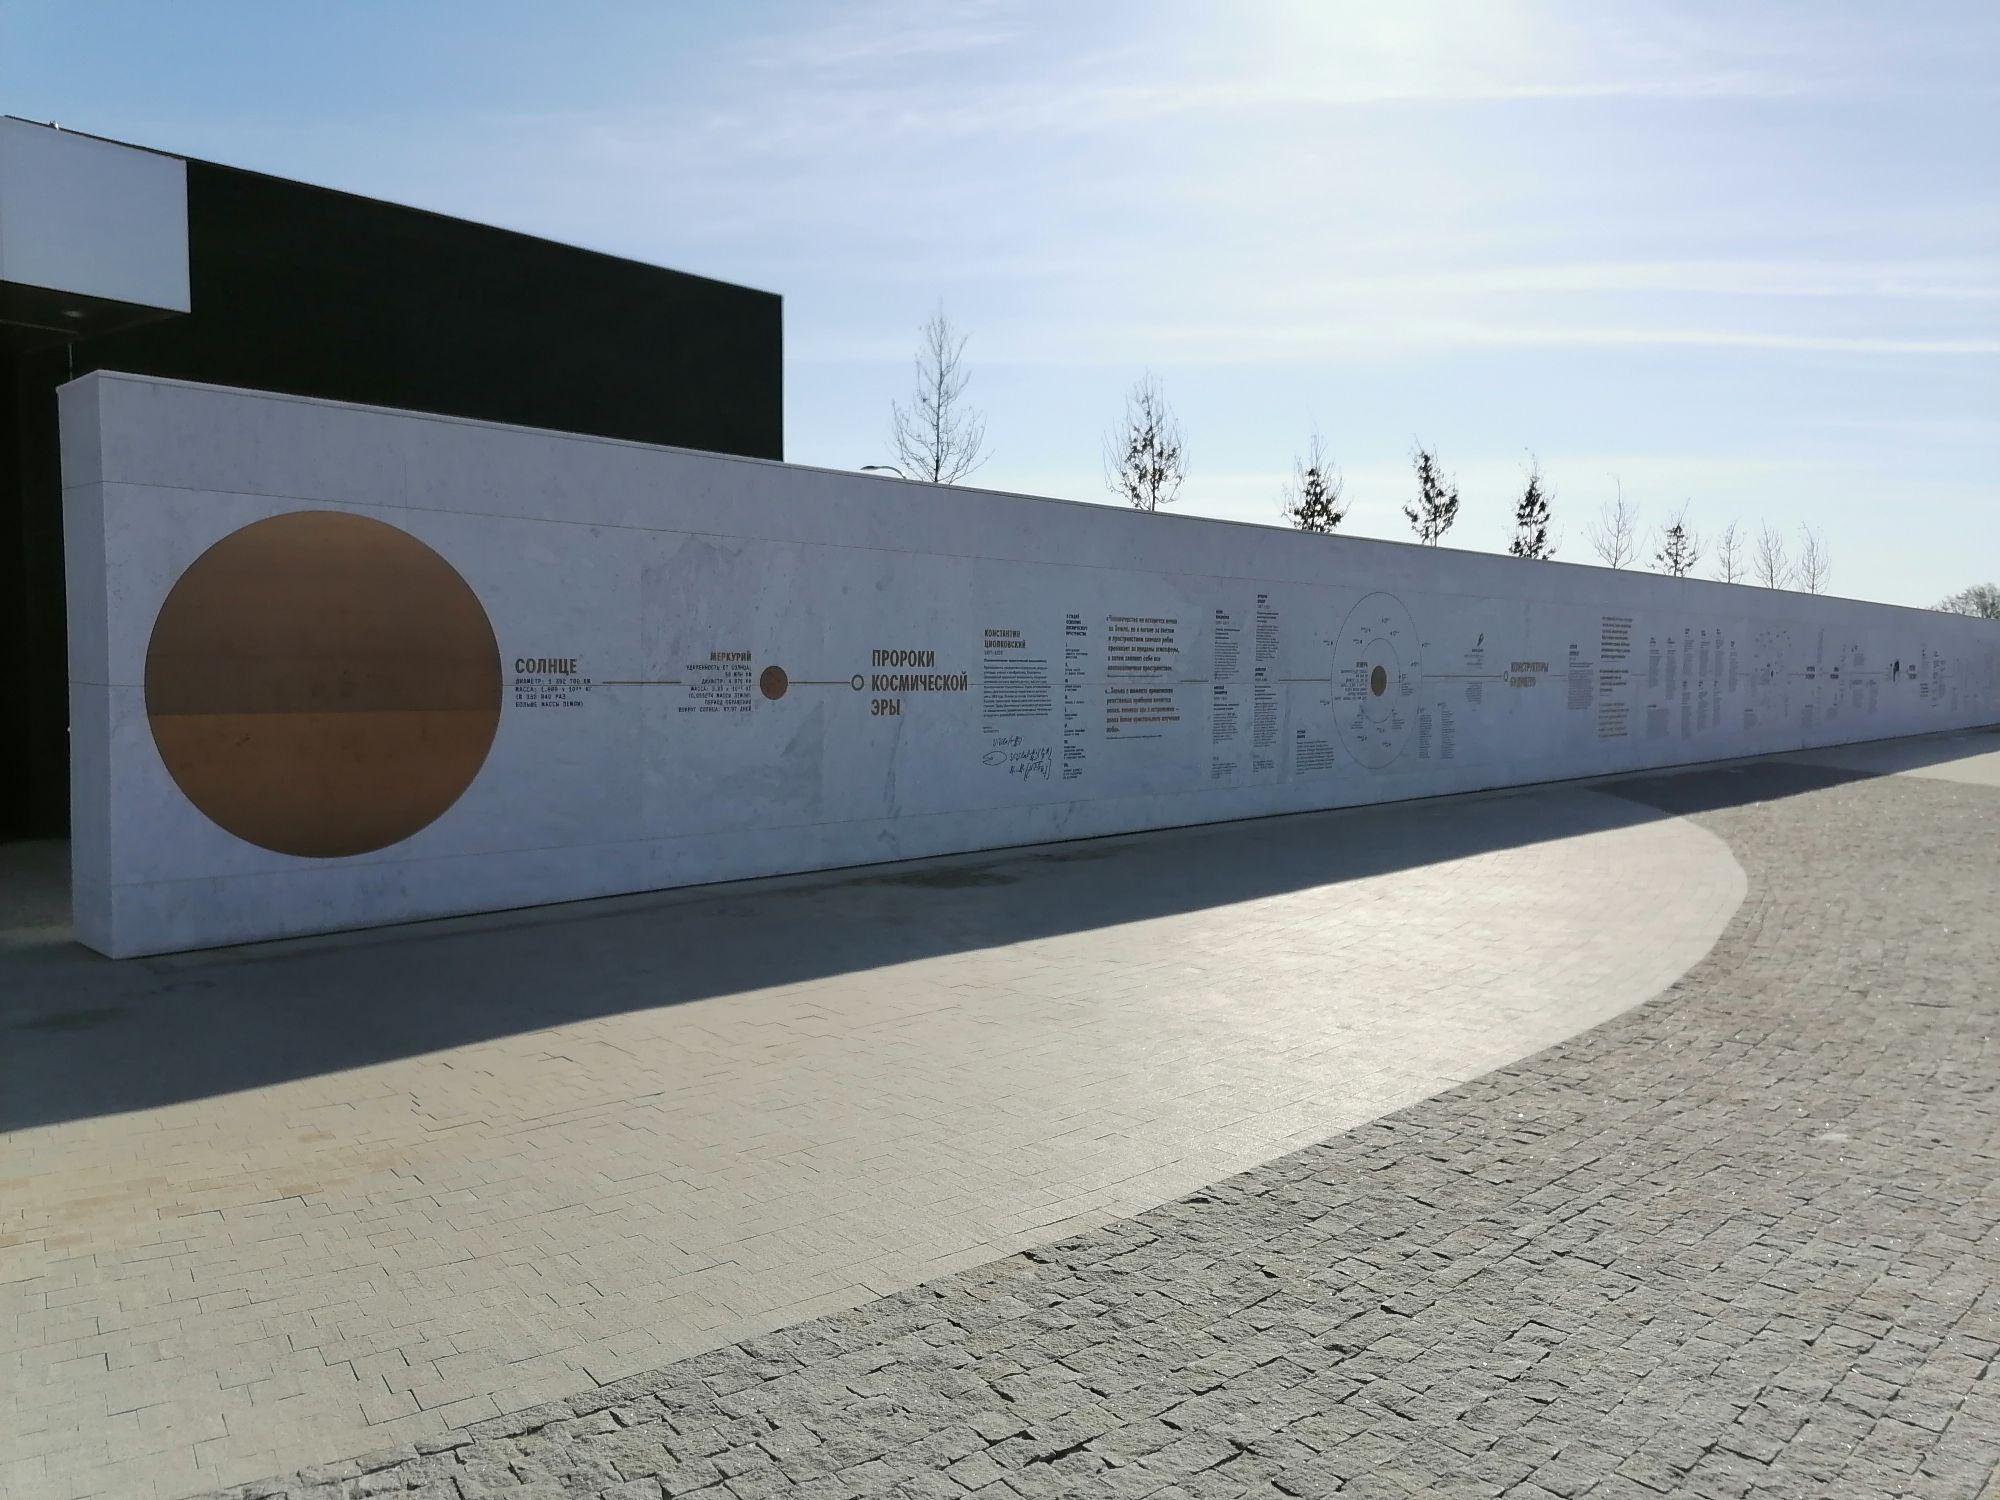 По другую сторону от входа располагается стена, на которой показаны этапы развития нашей космонавтики